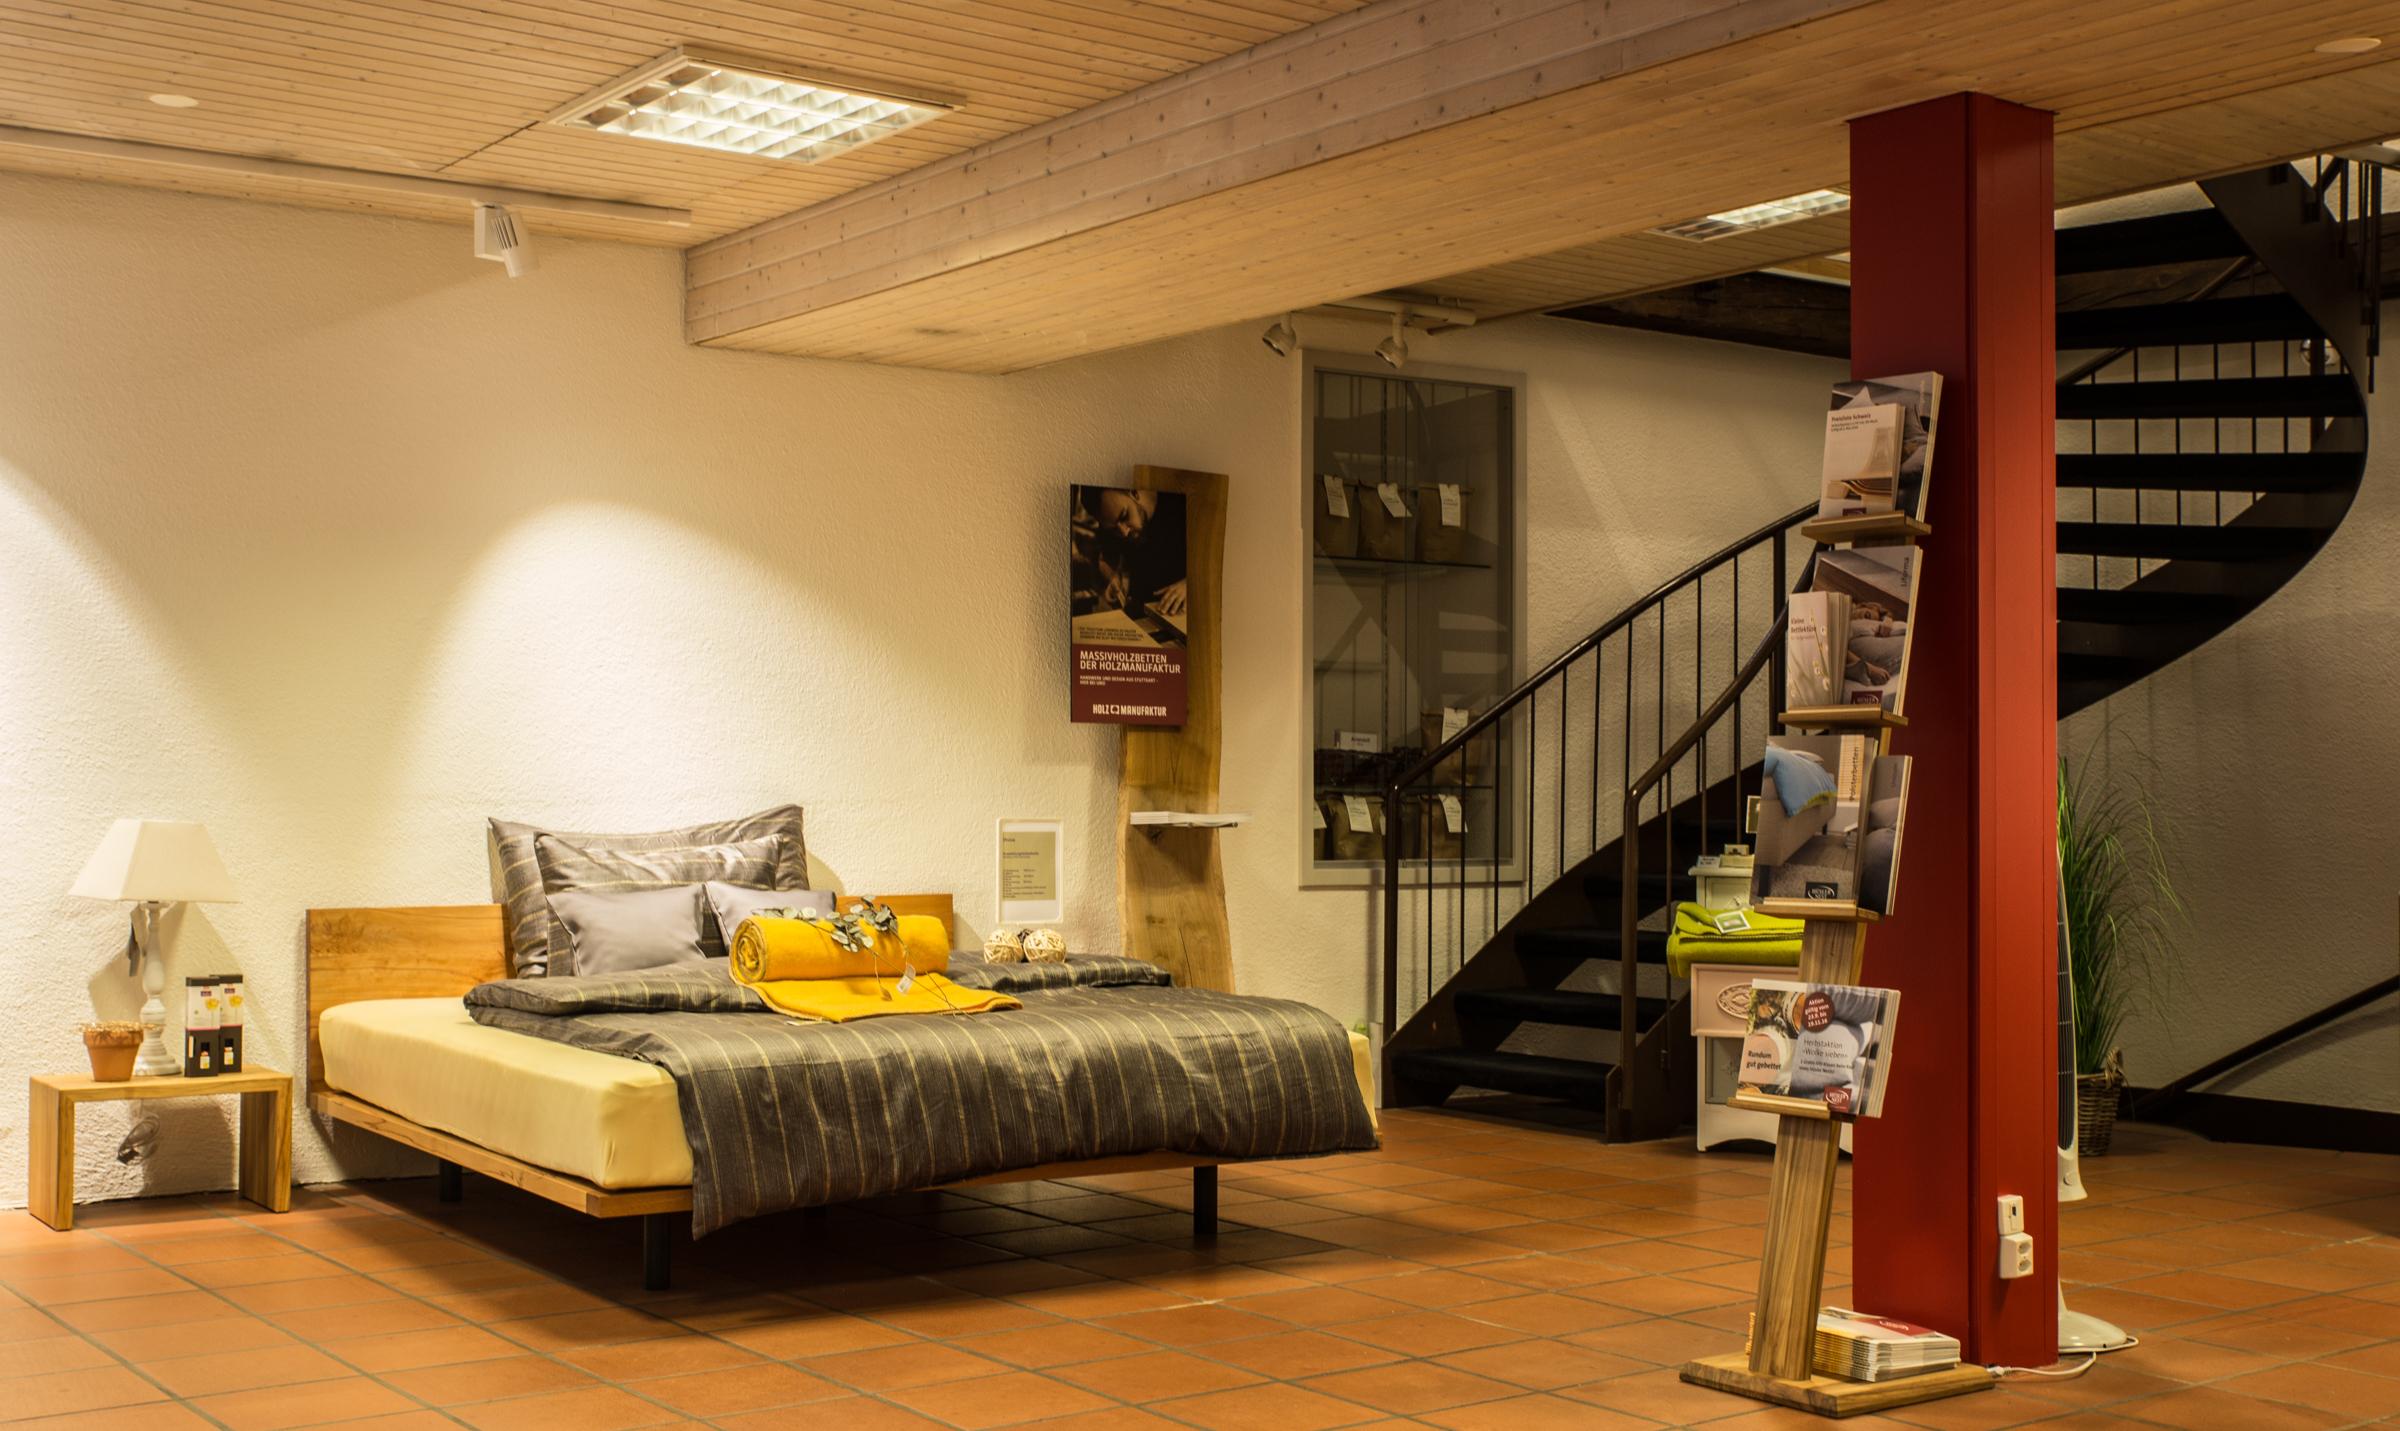 Hüsler Nest - Natürlicher Talalay-Latex-Matratzentoppergeschäft in Solothurn Solothurn